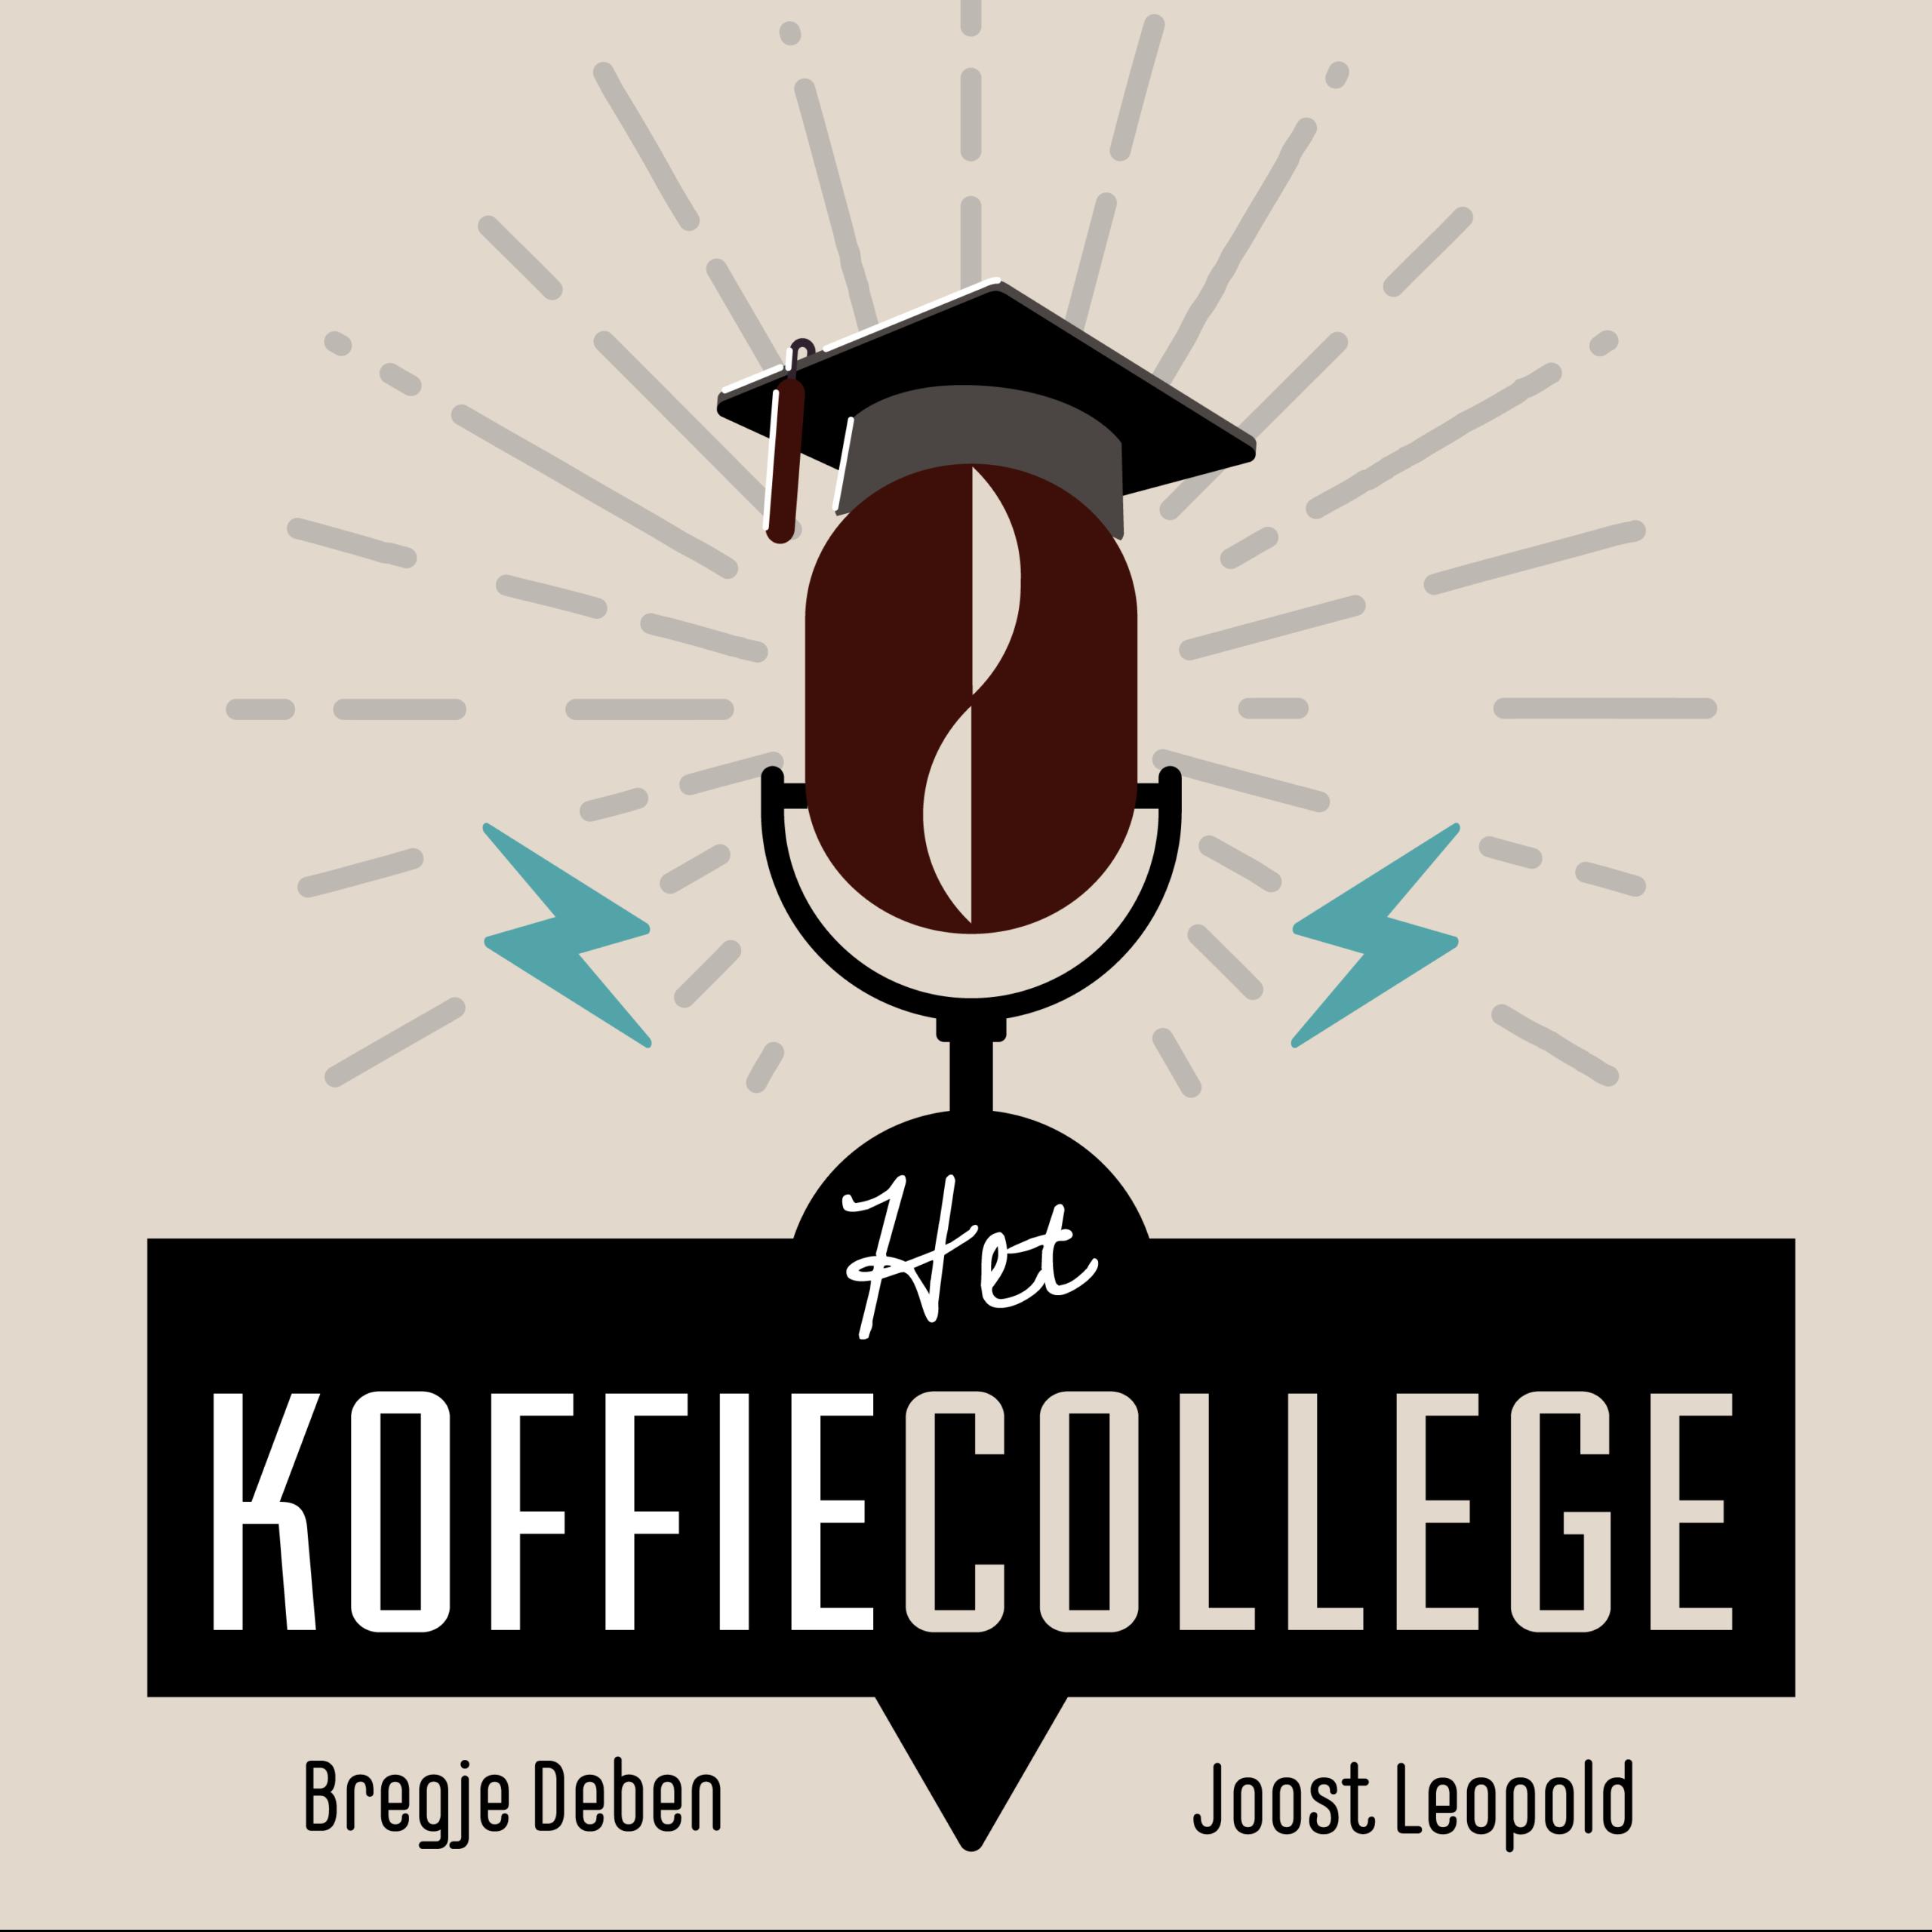 Het Koffiecollege logo